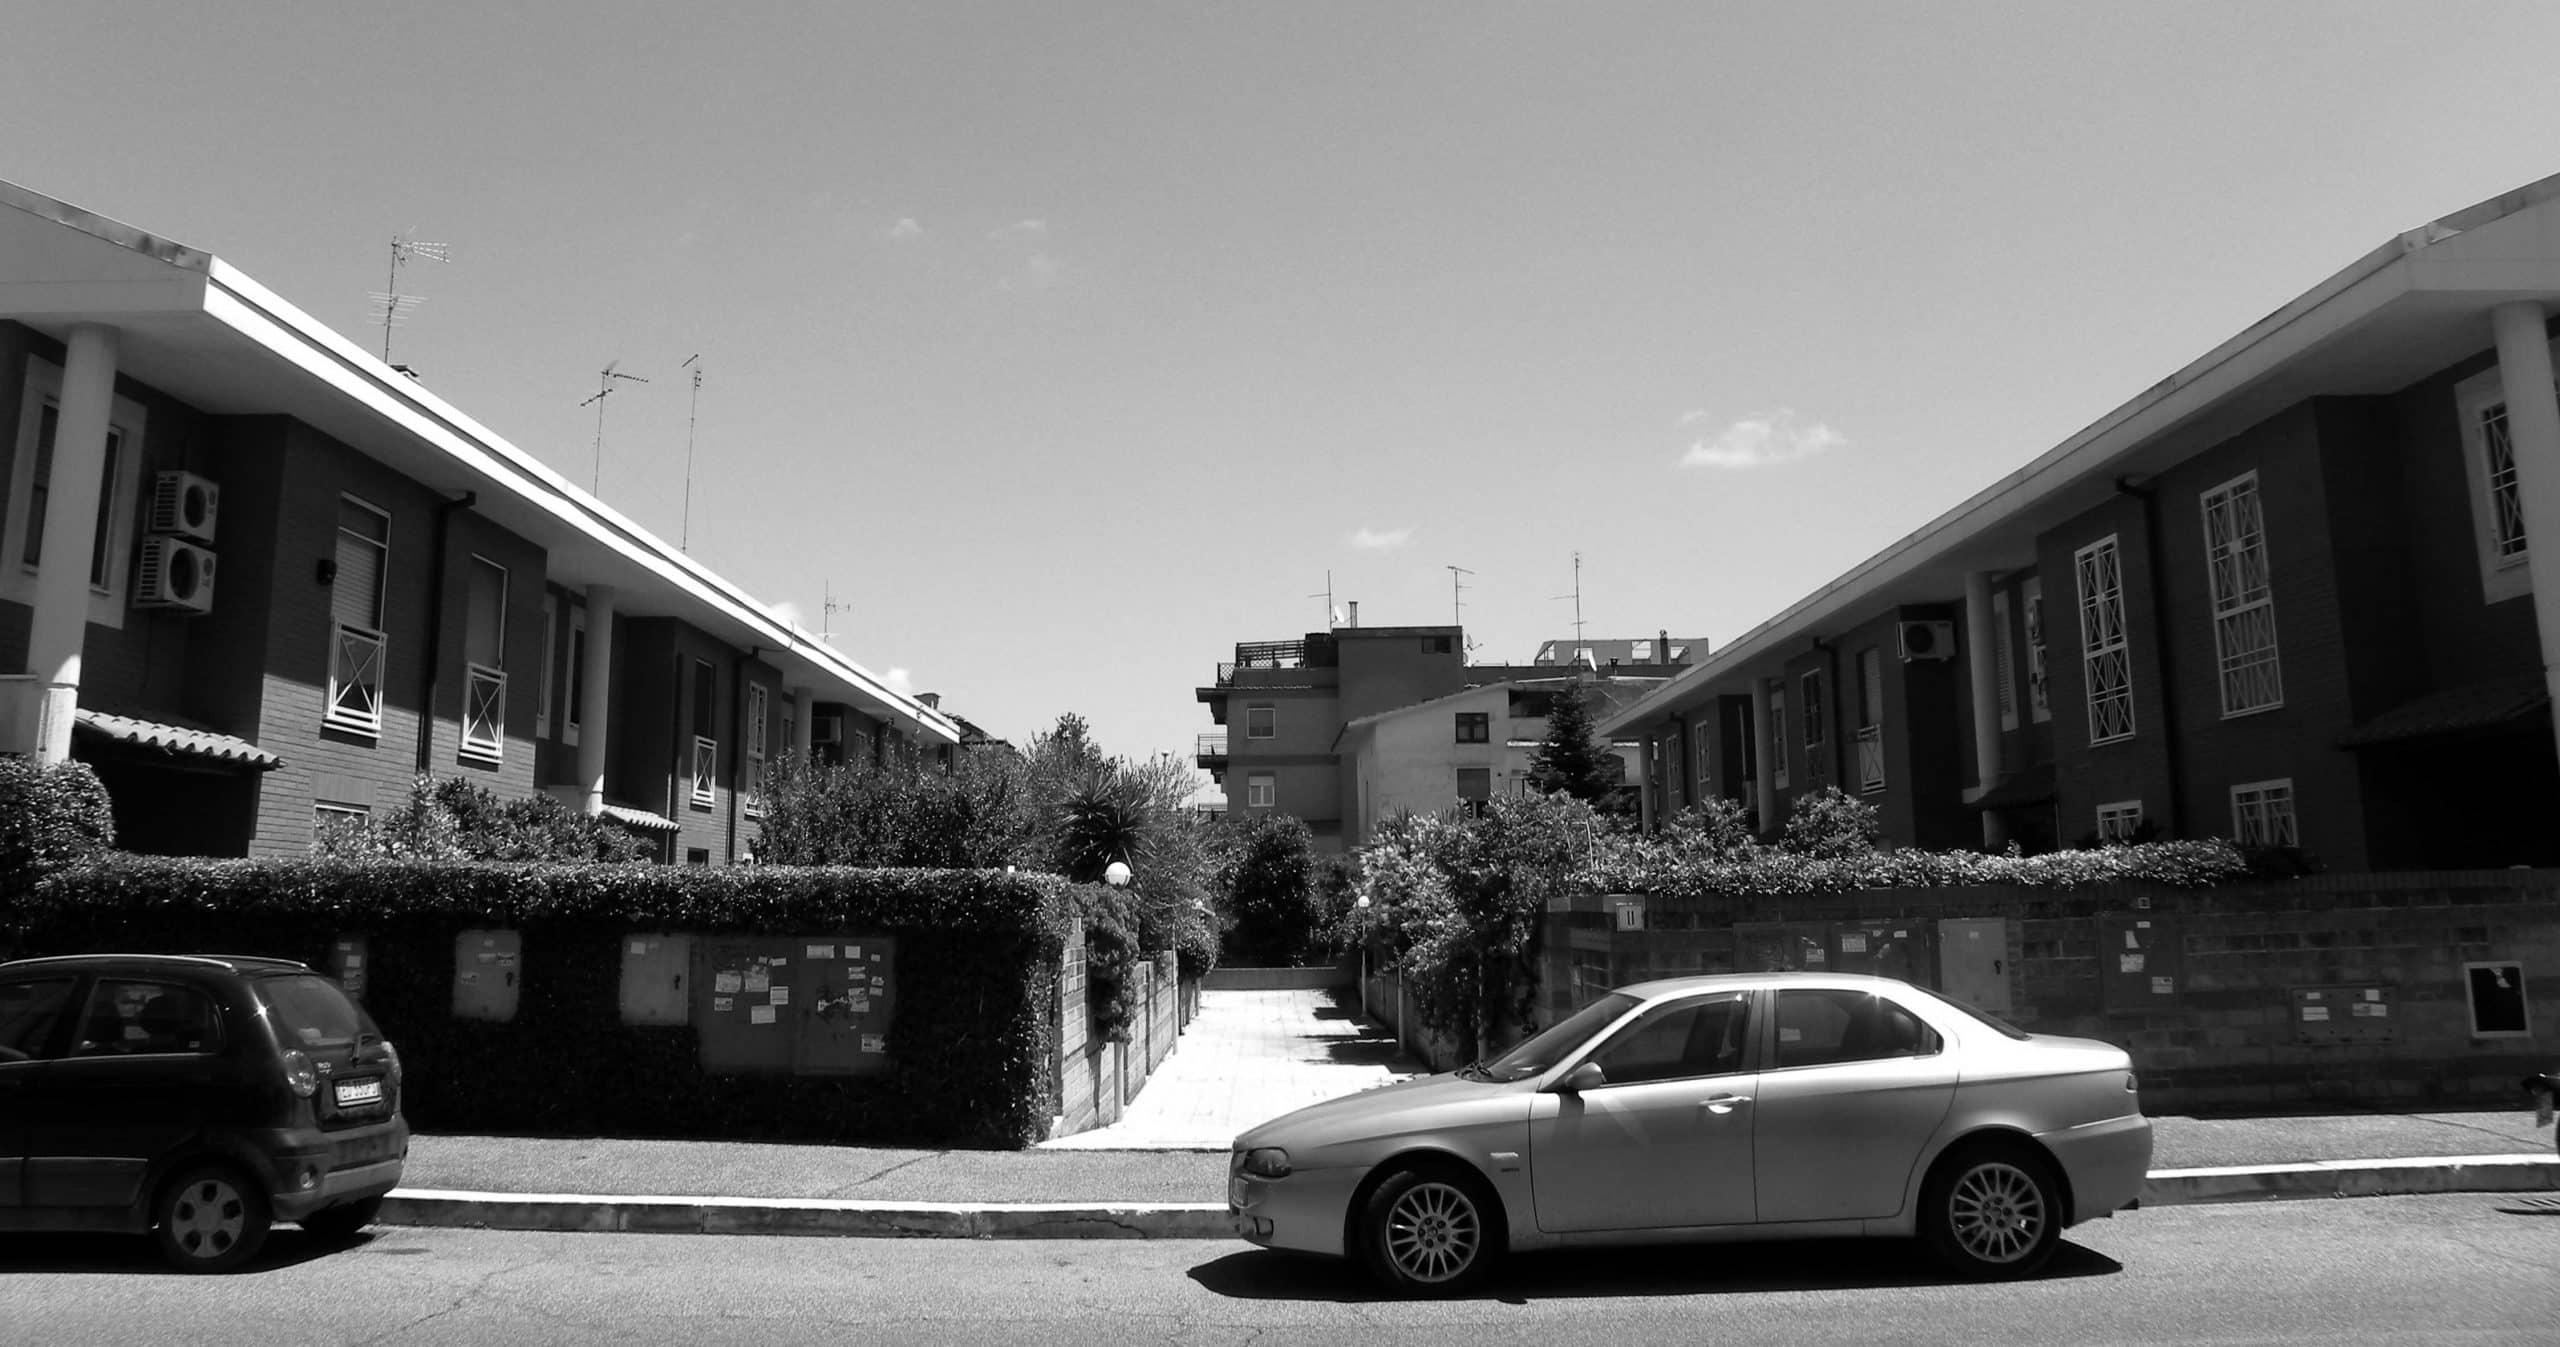 18 - Complesso residenziale per 73 alloggi nel PdZ Madonnette, Acilia (RM); con R. De Vito - Vista esterna delle case a schiera e dell'edificio in linea